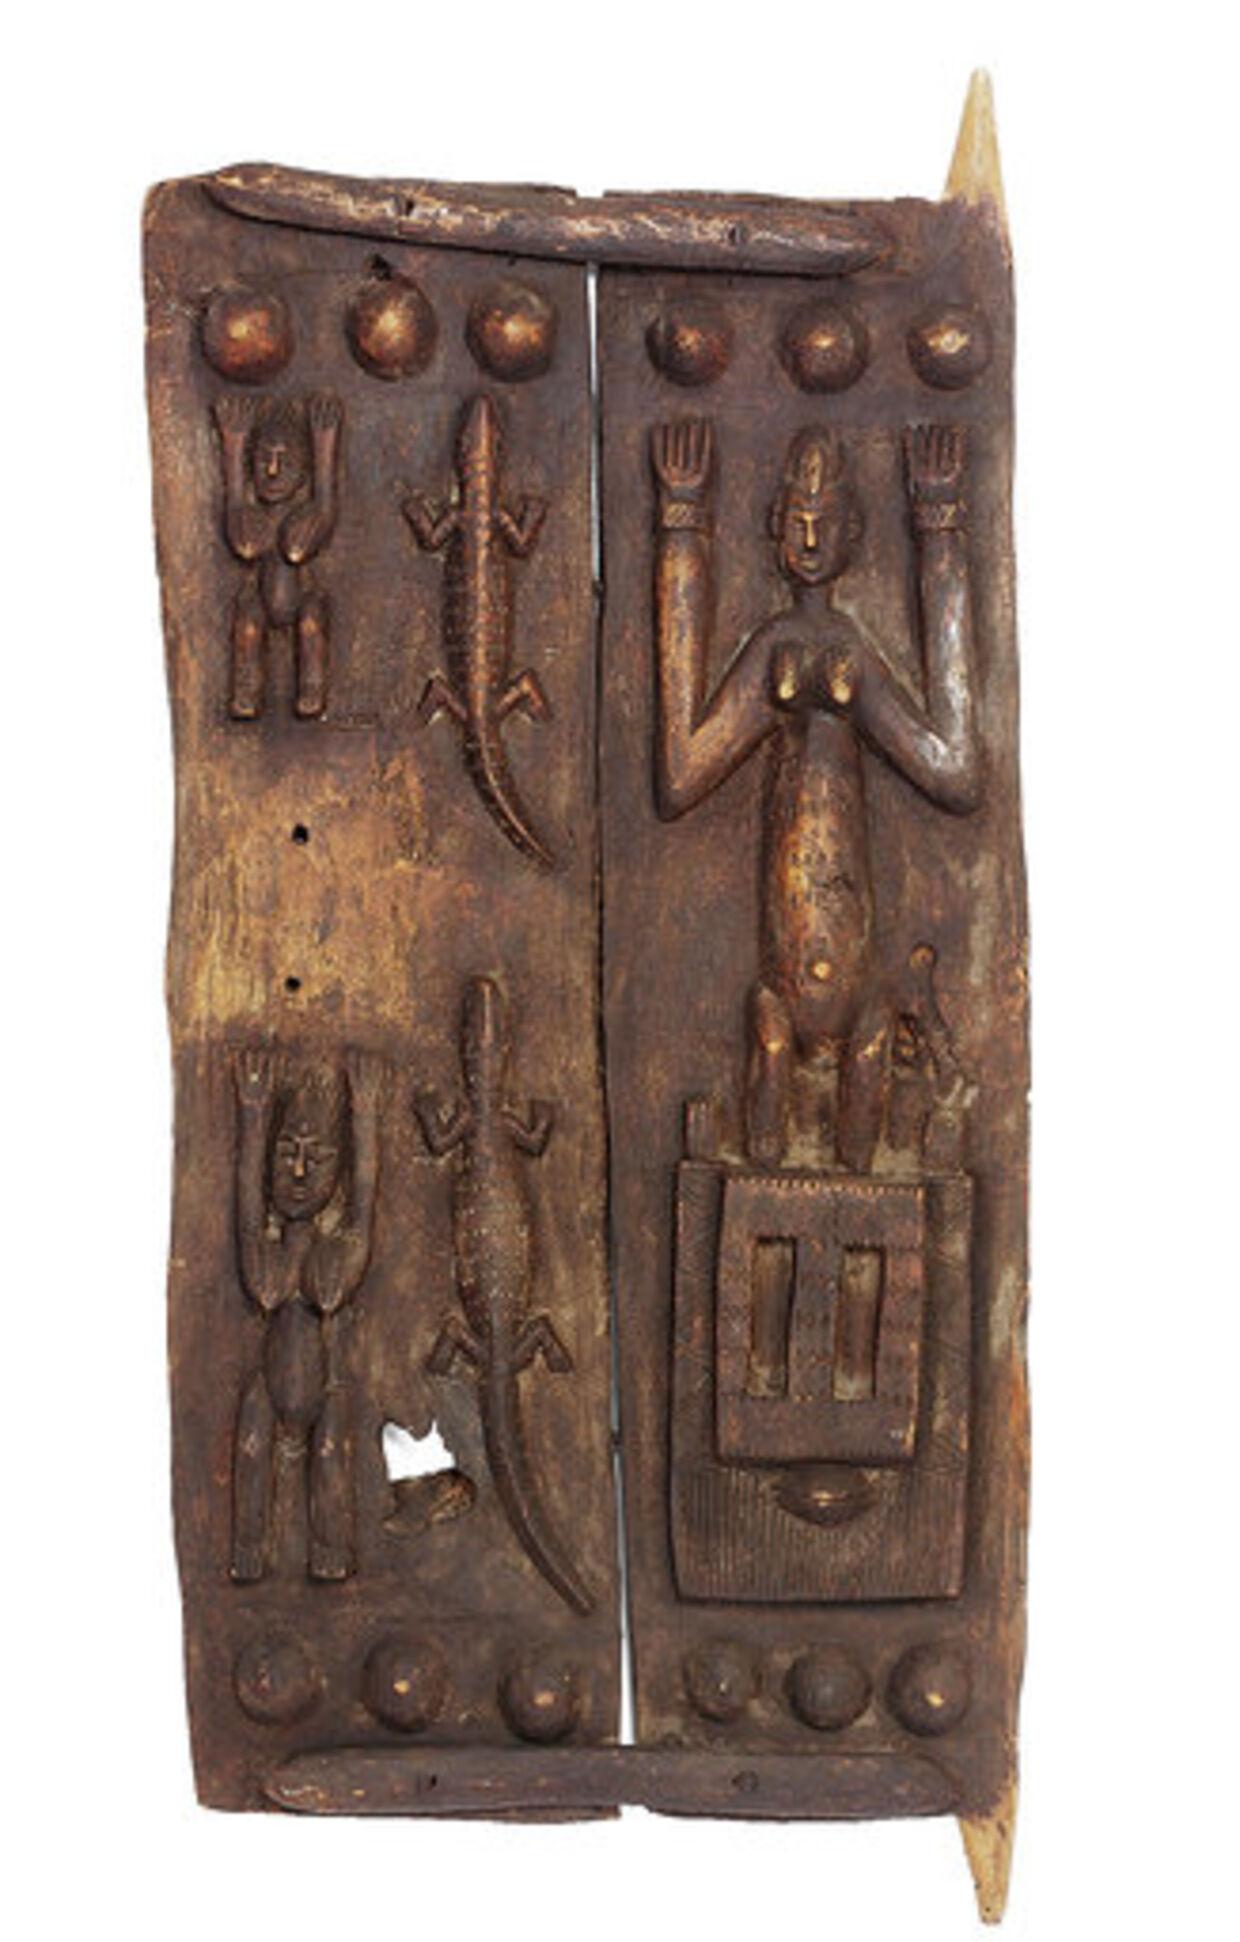 Katalog nr. 385: To udskårne afrikanske døre. Over en meter høje. Blev solgt for 42.000 kr. Var vurderet til 3-5.000.